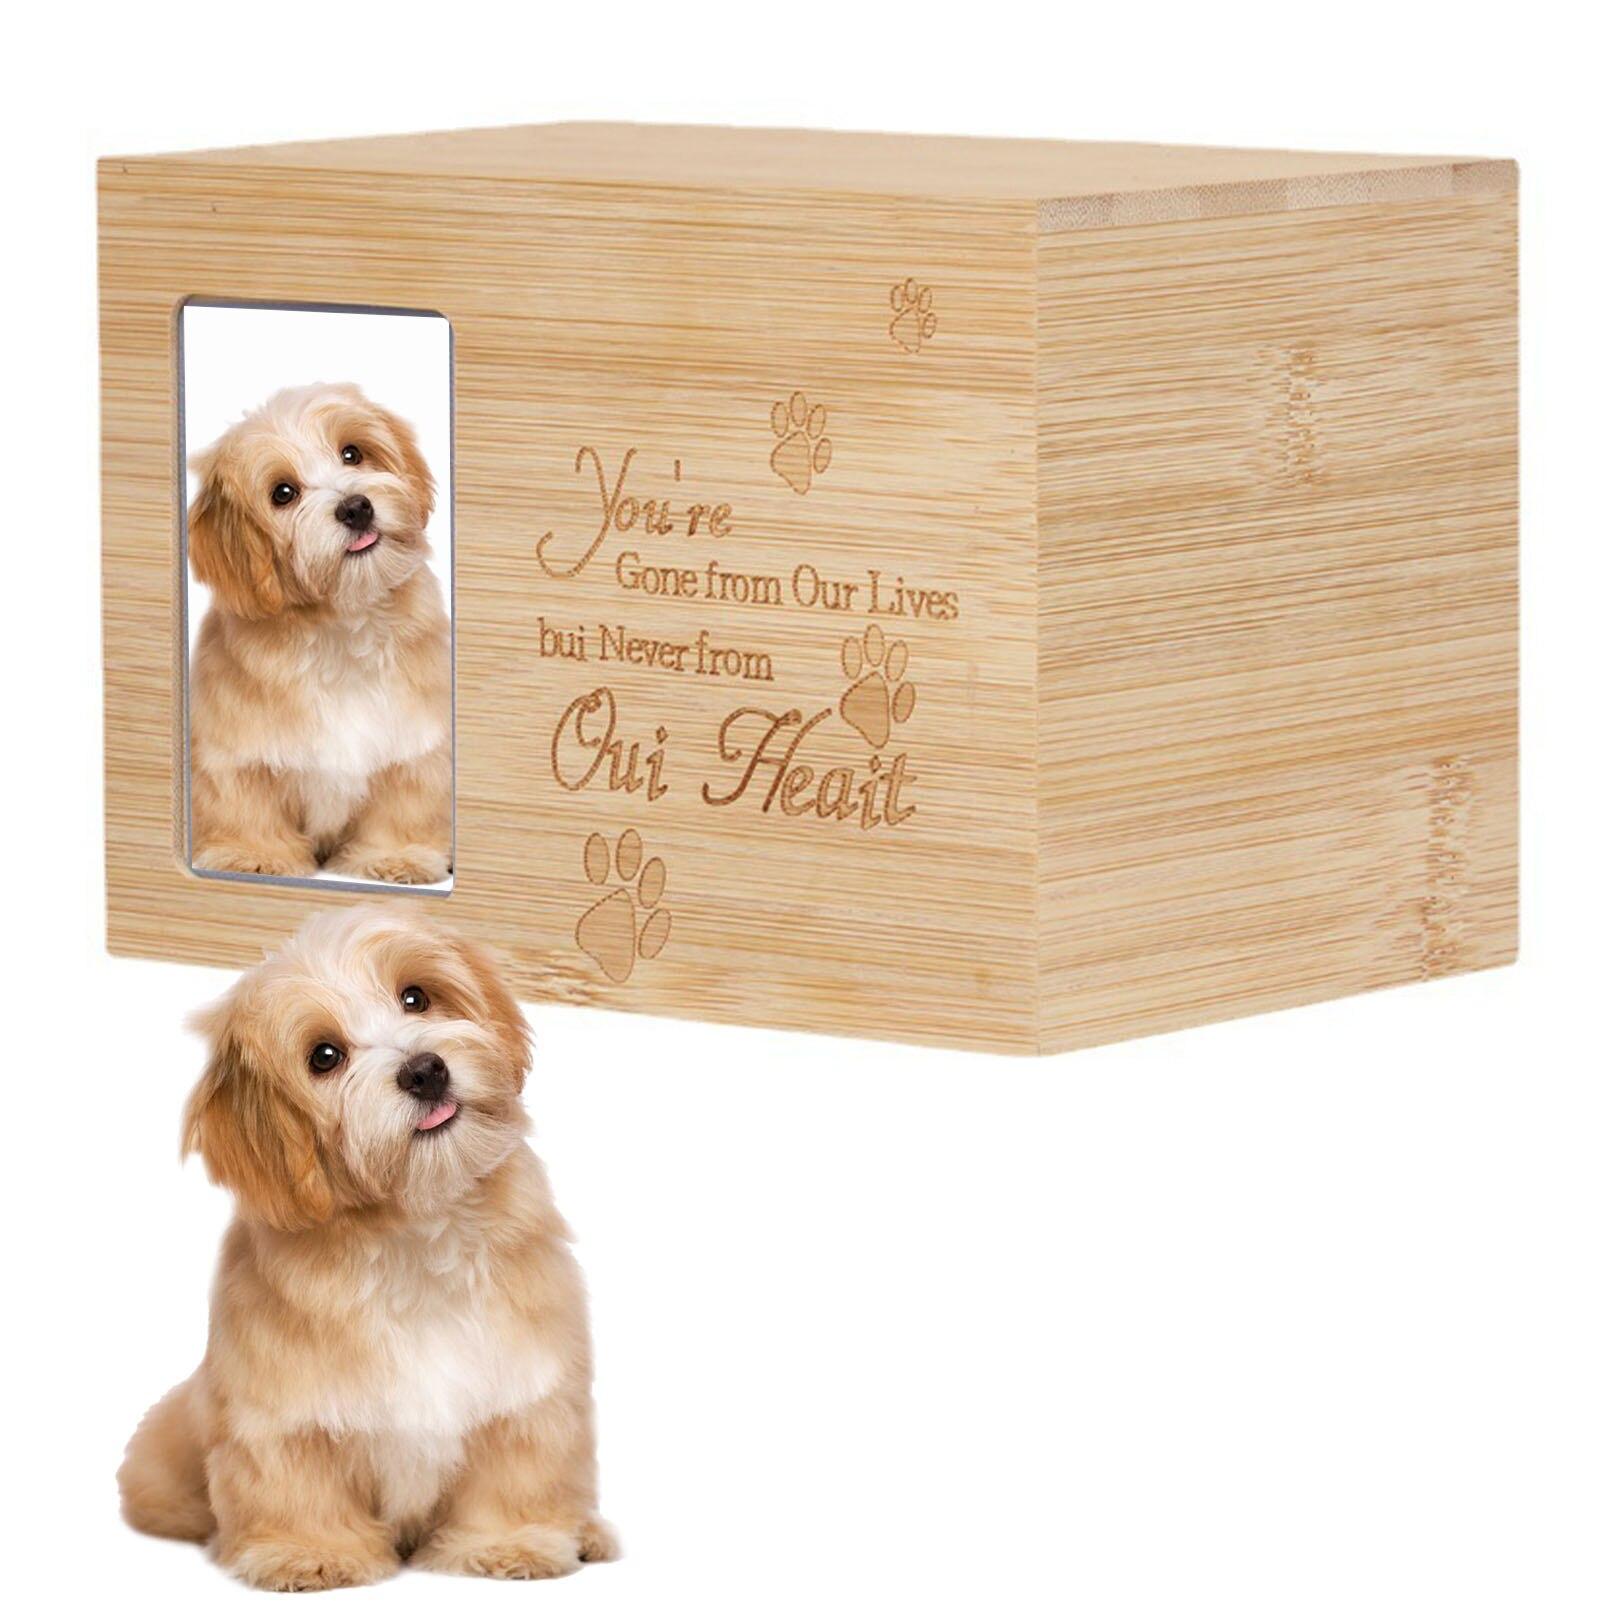 Bamboo Urns Pet Dog Cat Birds Mouse Cremation Ashes Urn Keepsake Casket Columbarium Animal Memorial Funeral Cremation Gaudily